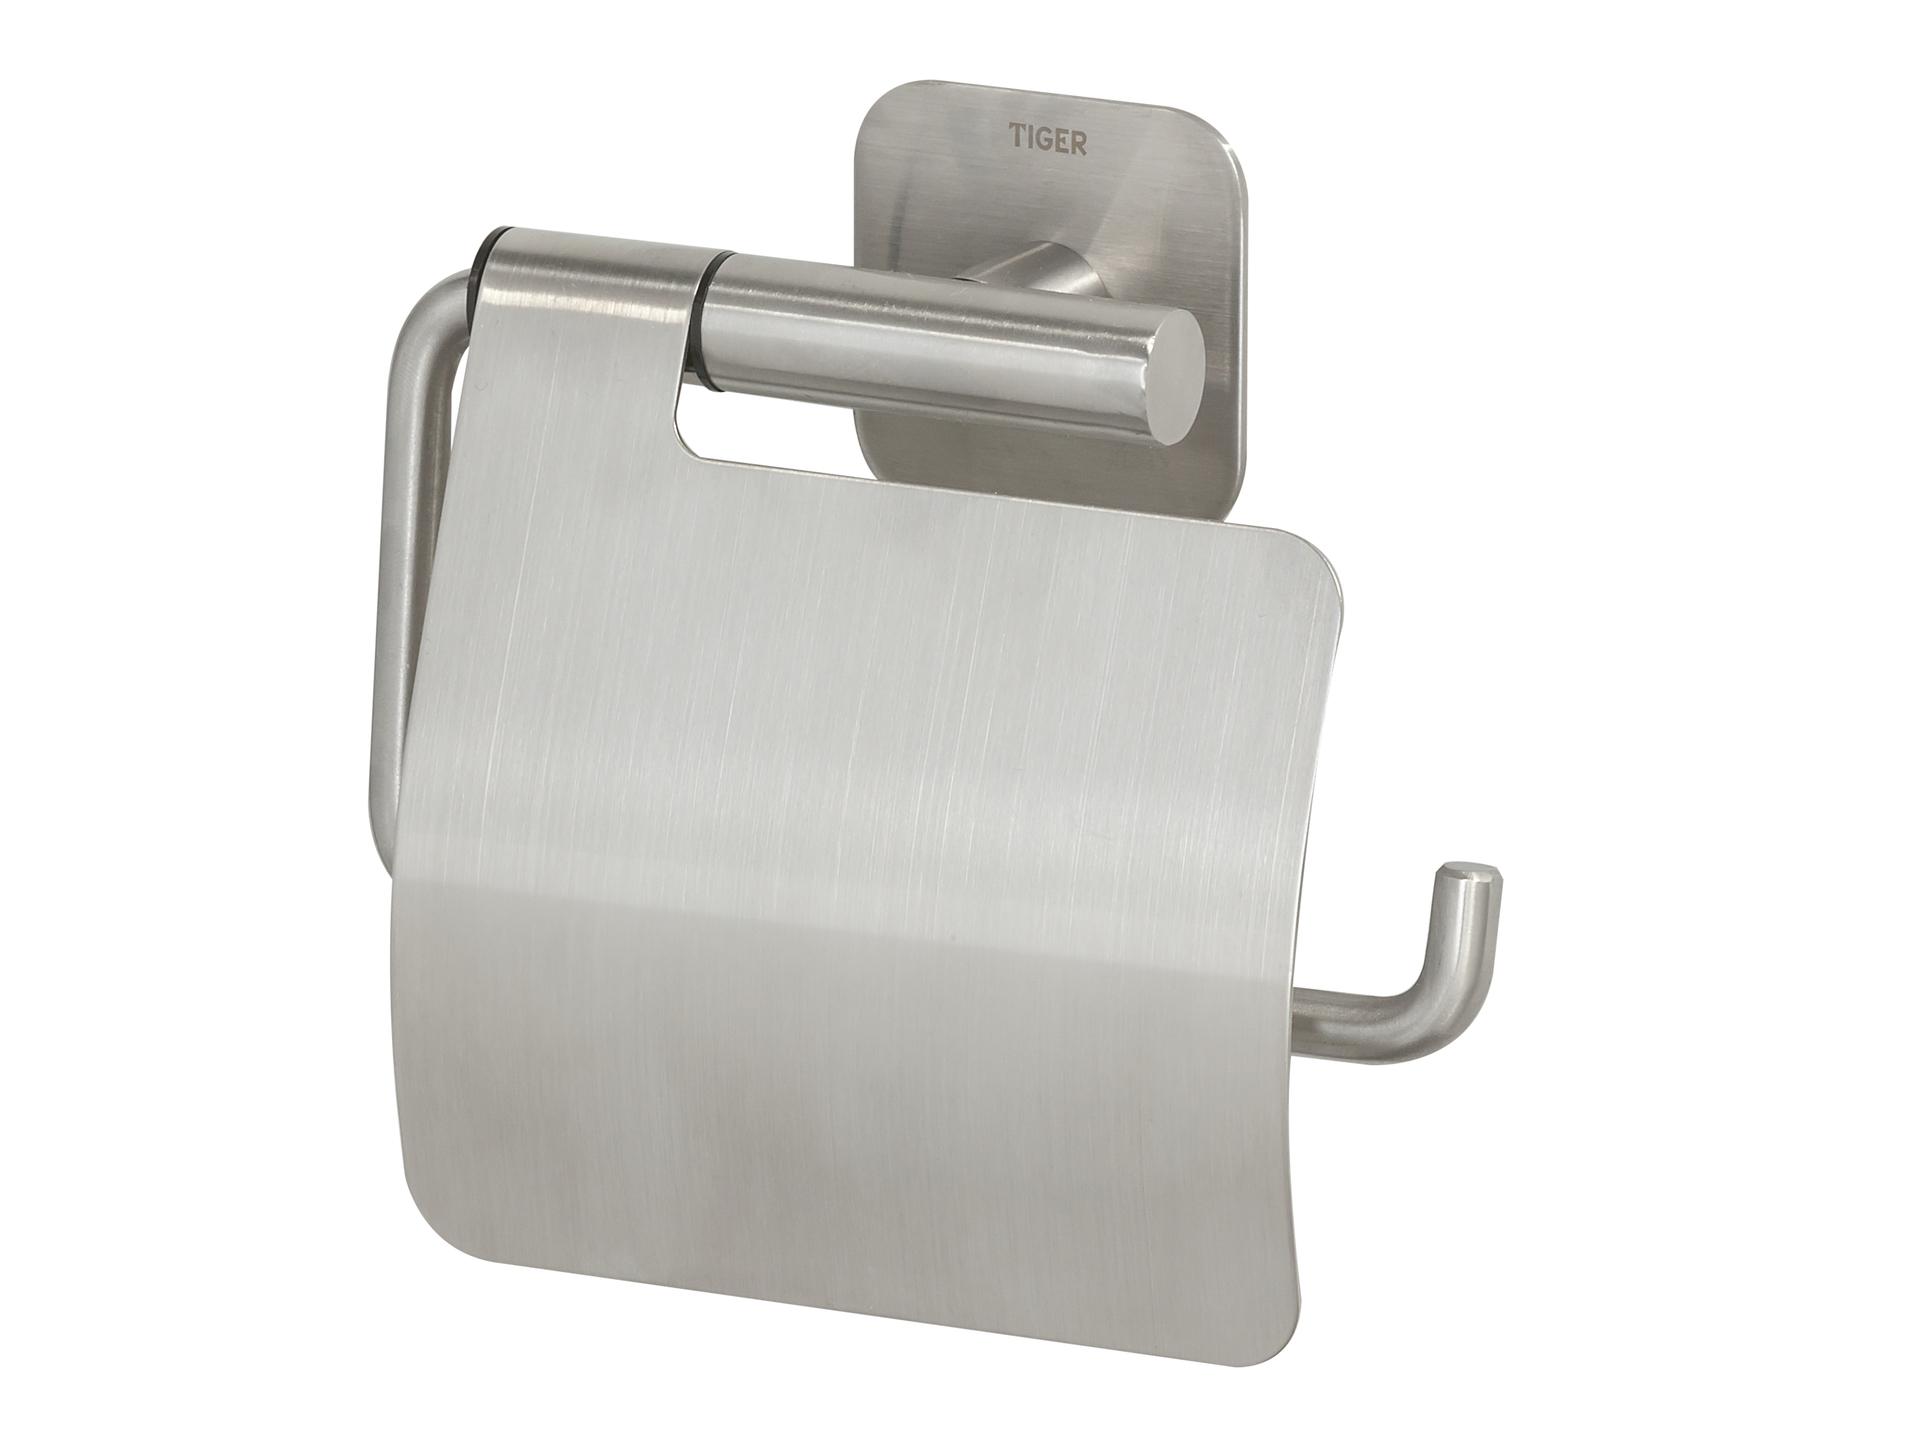 Tiger Badkamer Accessoires : Tiger toiletrolhouder met klep colar geborsteld inox hubo